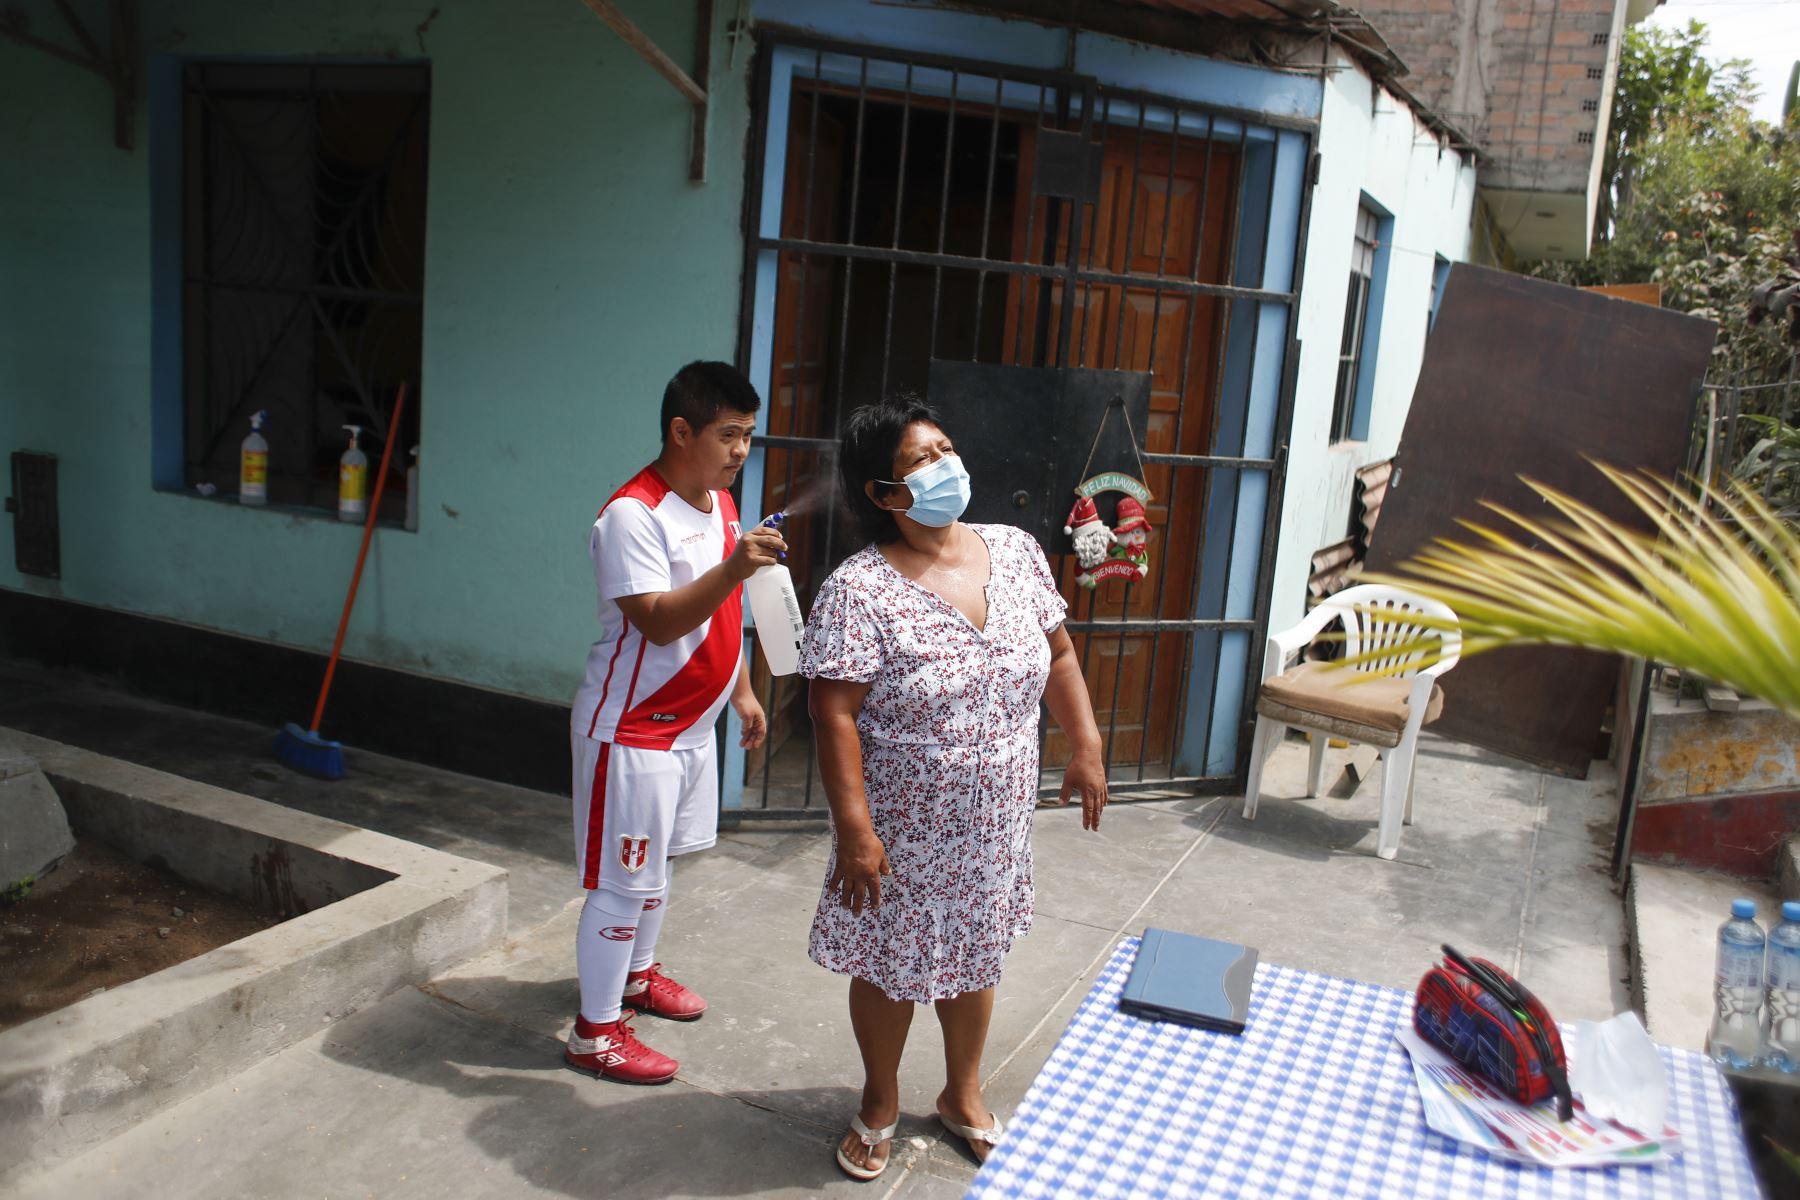 Joseph Flores se encarga de rociar alcohol cada vez que algún familiar regresa a casa. Foto: ANDINA/Renato Pajuelo